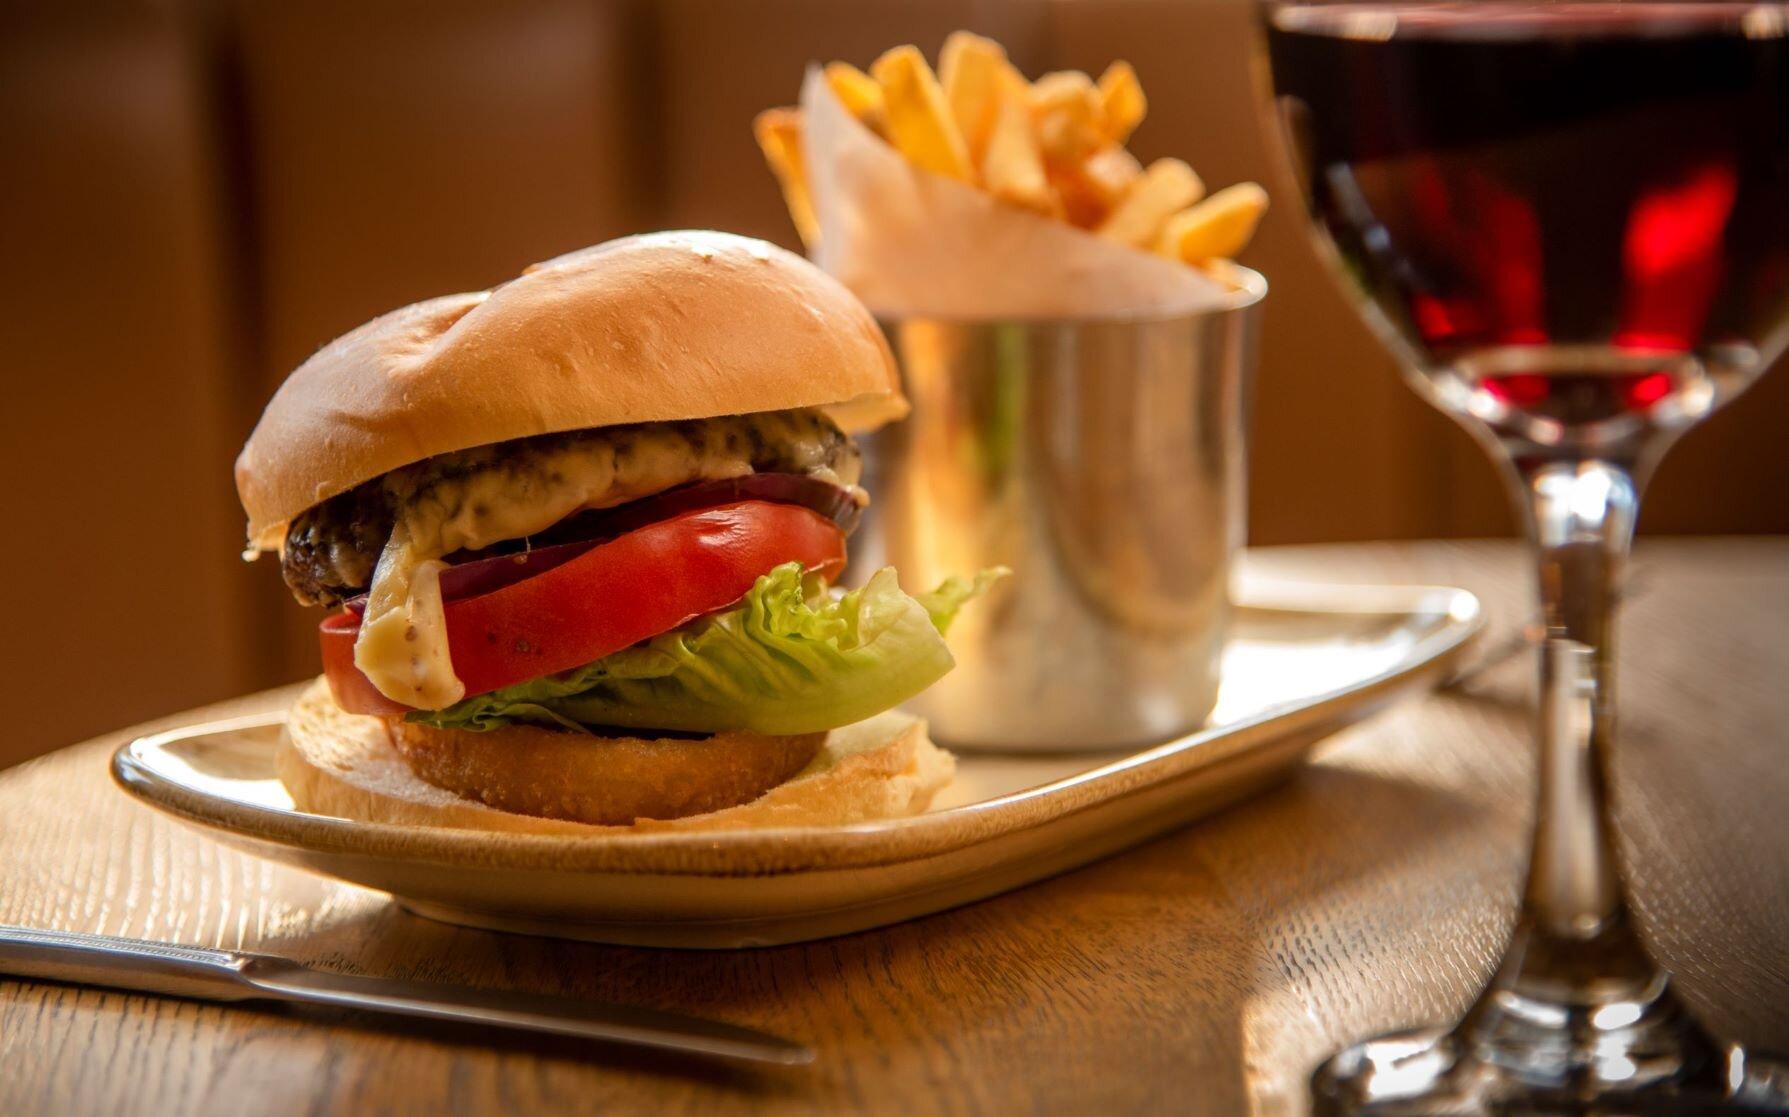 Burger-resized.jpg